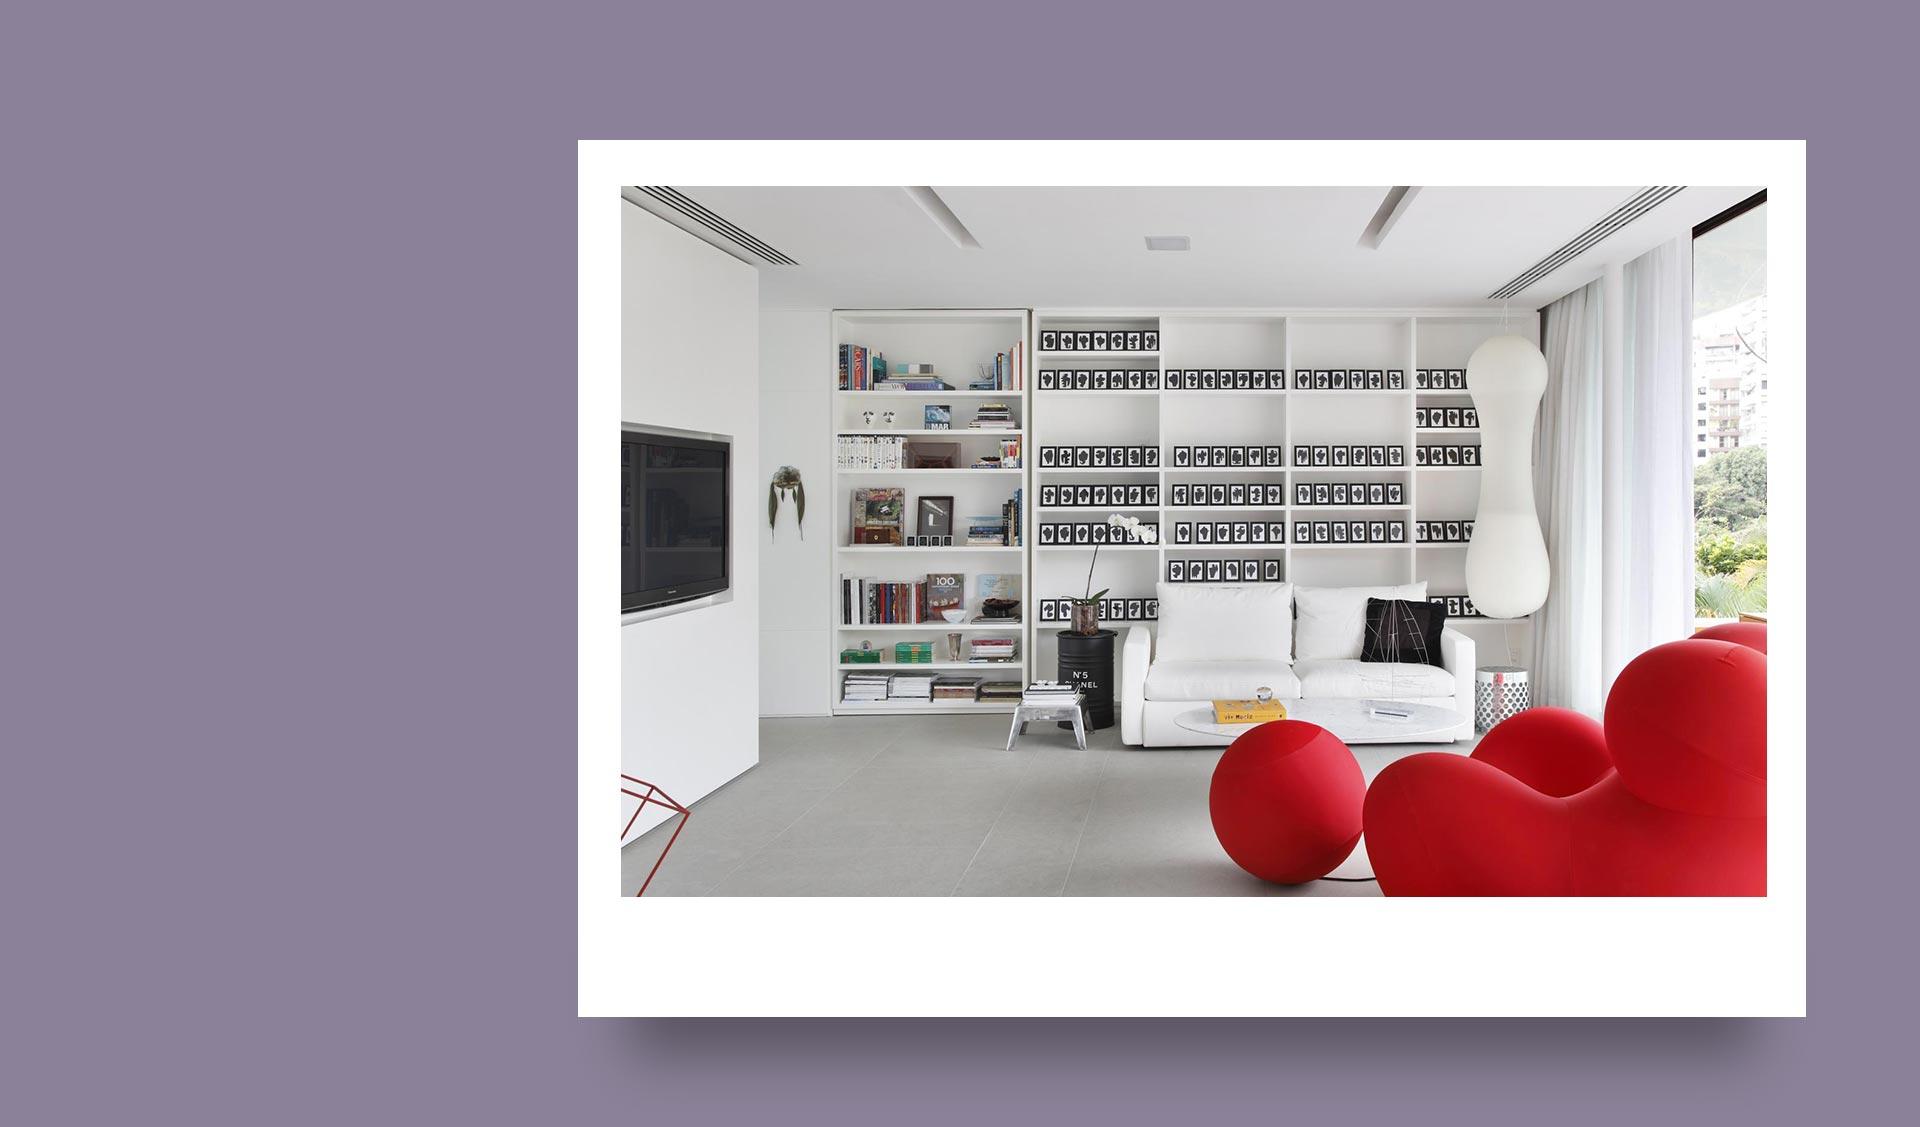 کنتراست در طراحی داخلی با استفاده از رنگ